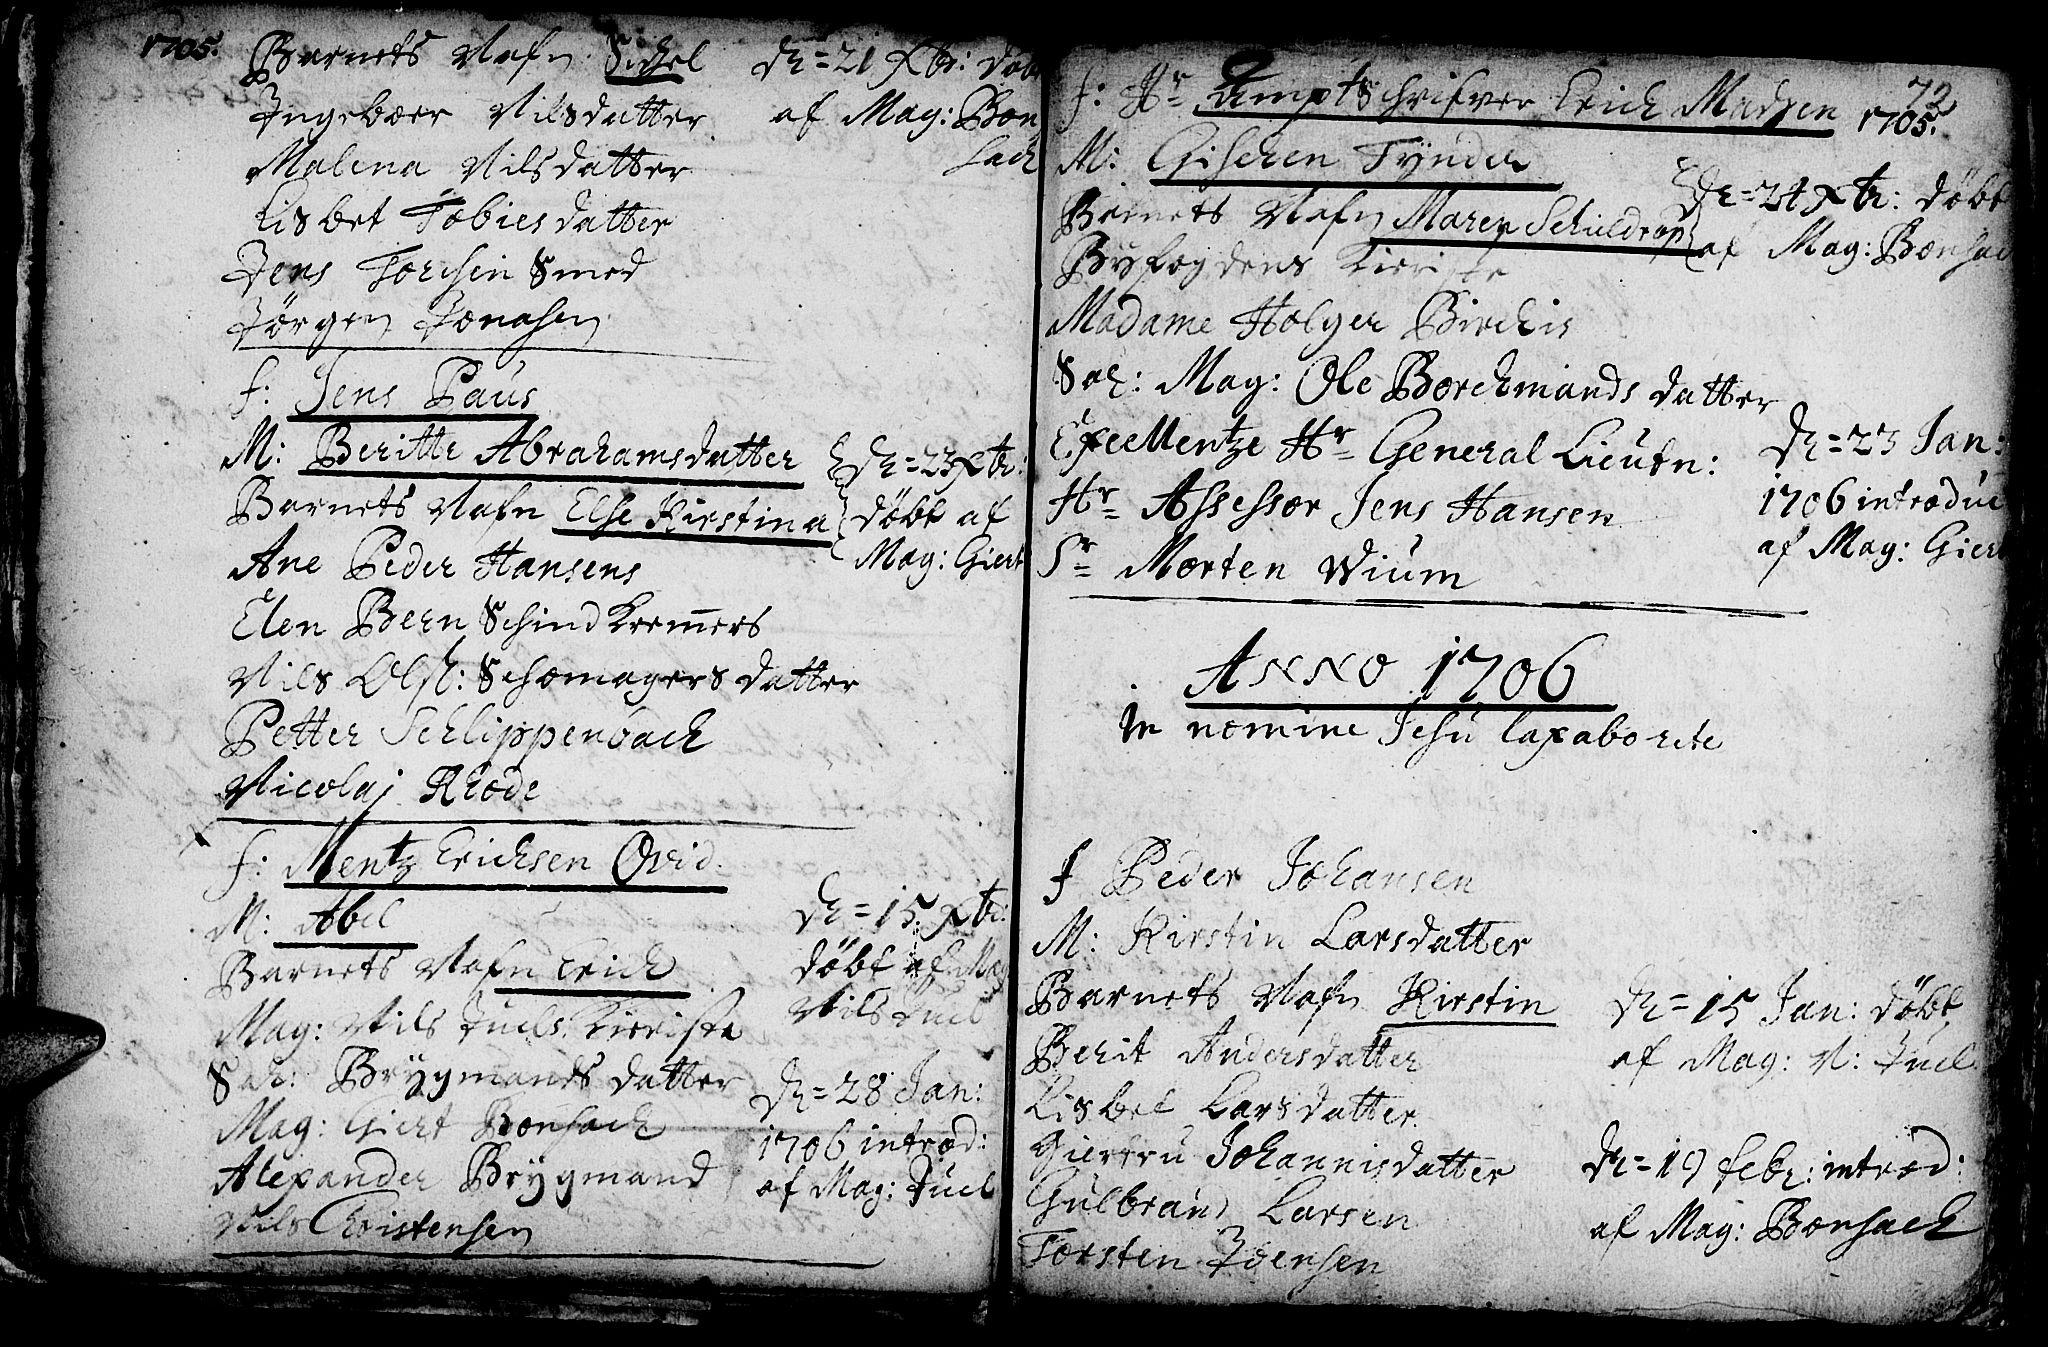 SAT, Ministerialprotokoller, klokkerbøker og fødselsregistre - Sør-Trøndelag, 601/L0034: Ministerialbok nr. 601A02, 1702-1714, s. 72